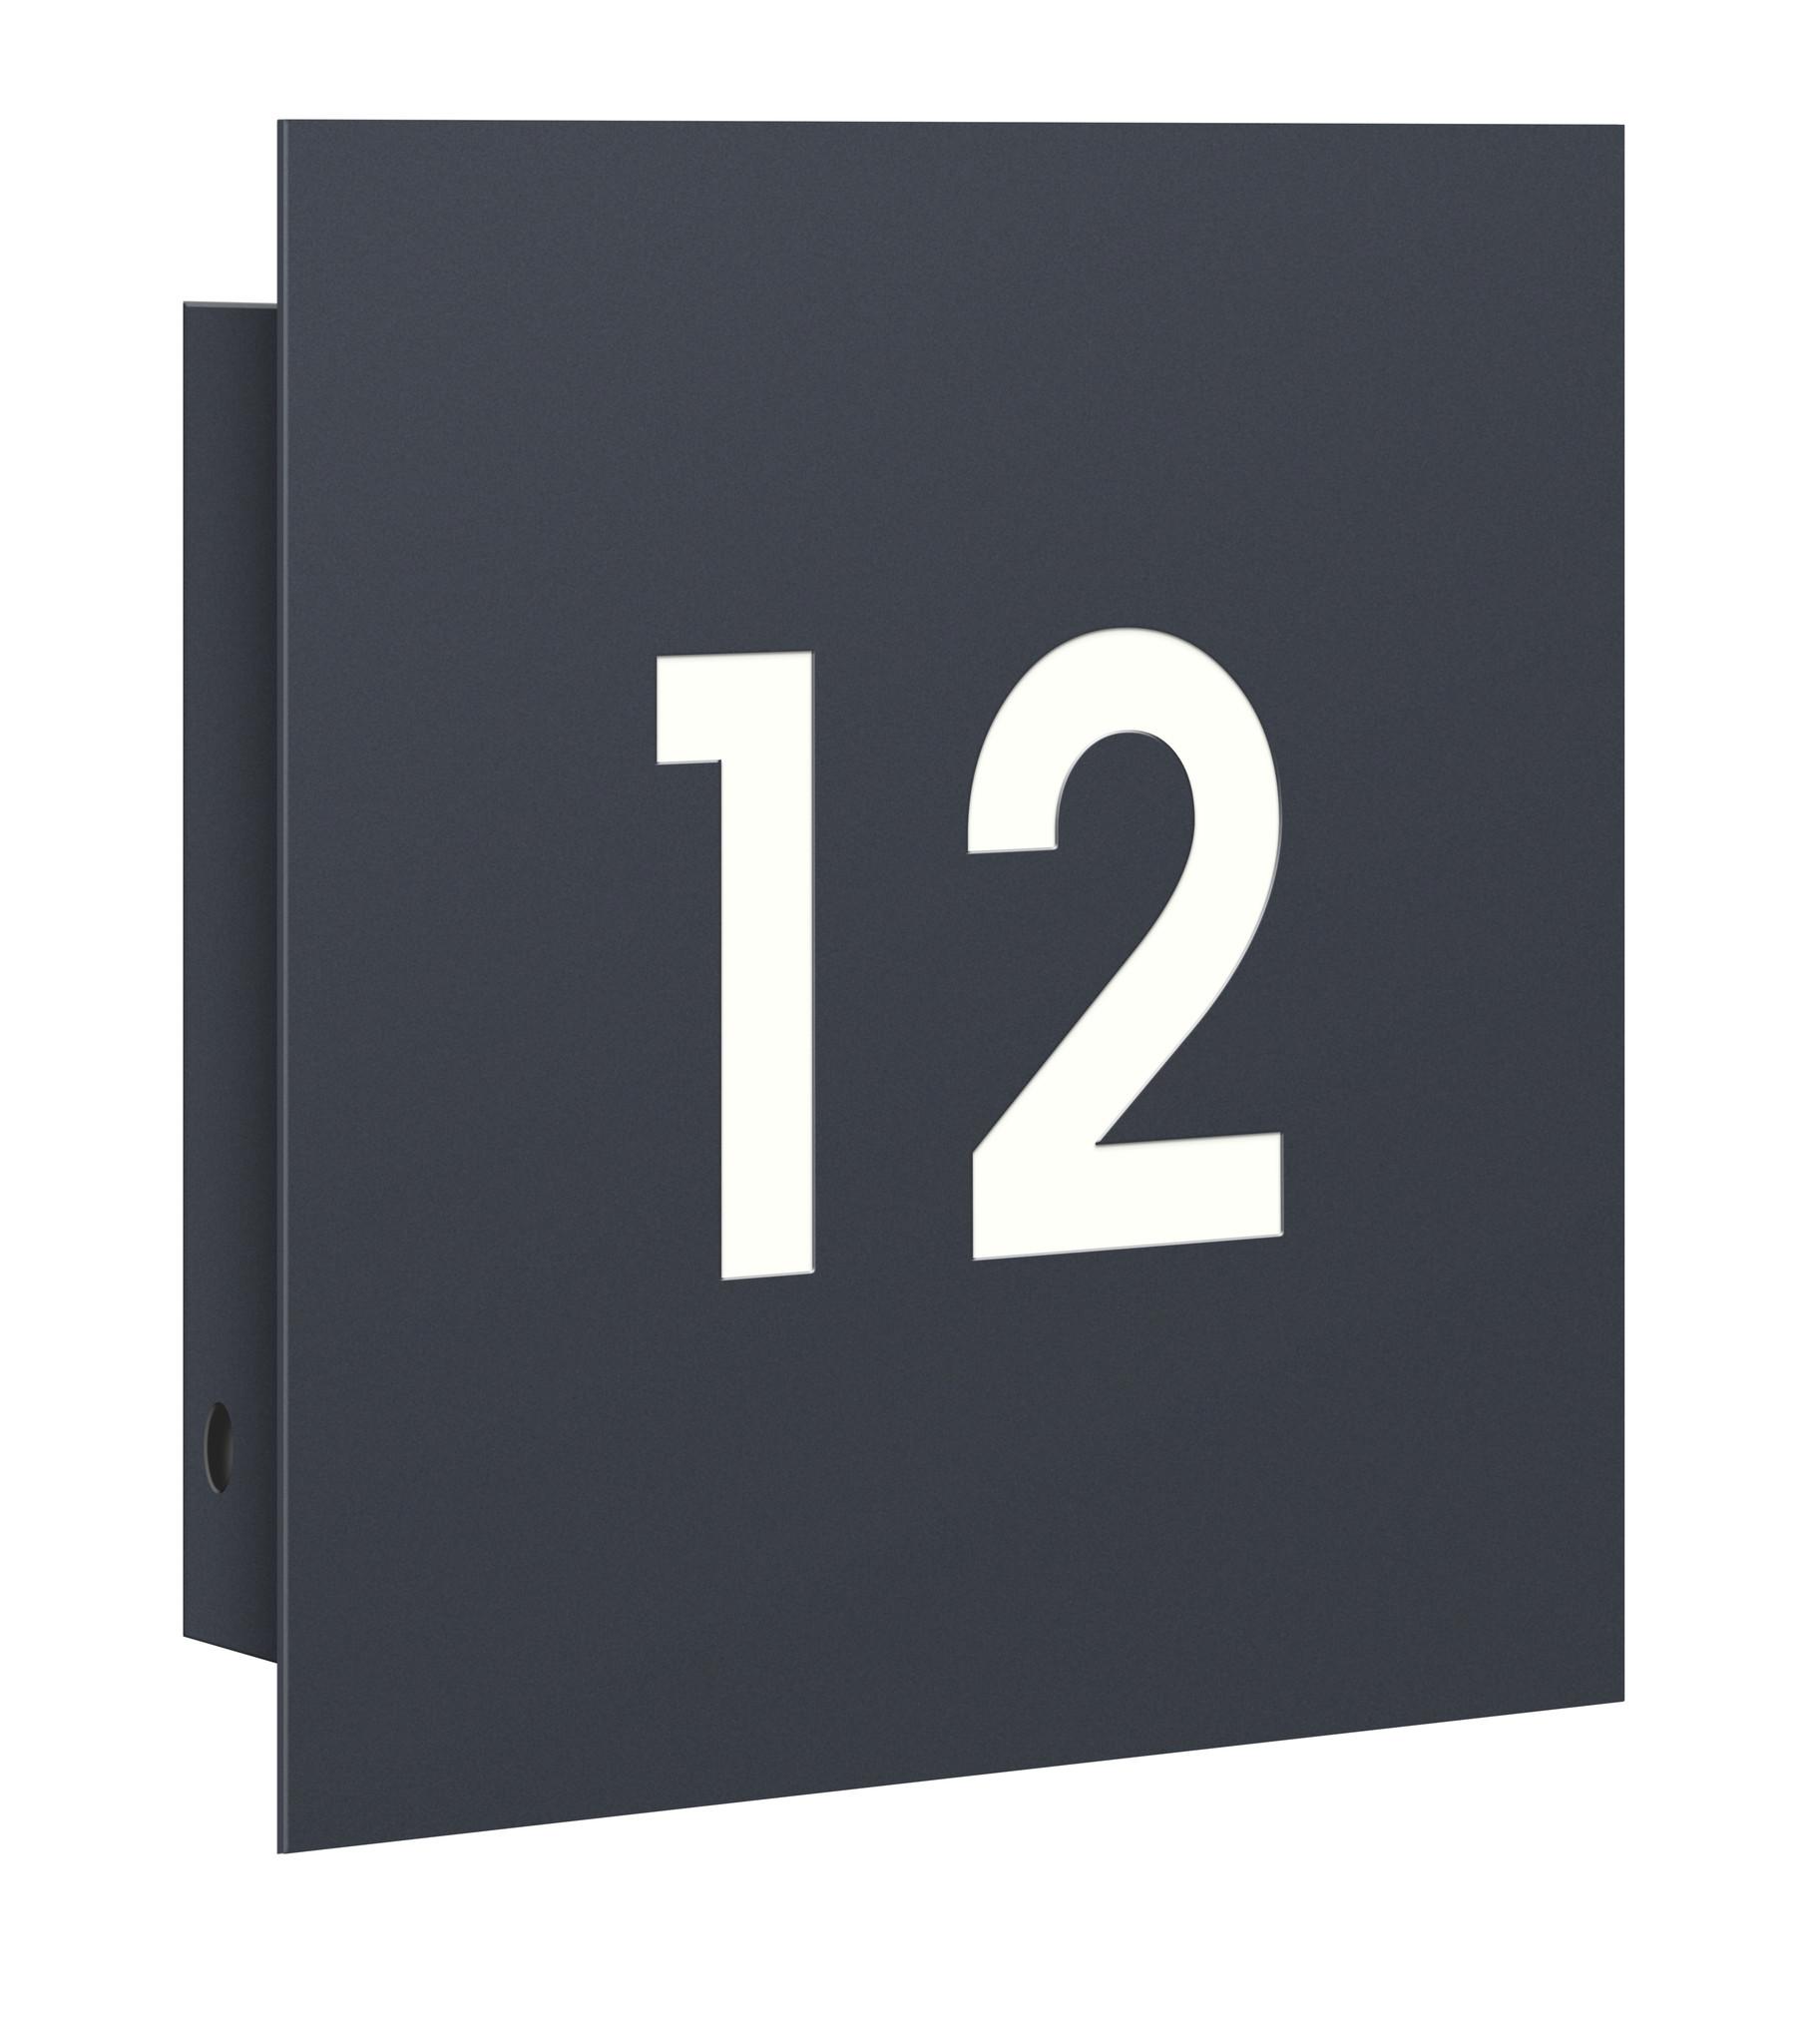 KNOBLOCH Hausnummernplatte Anthrazit